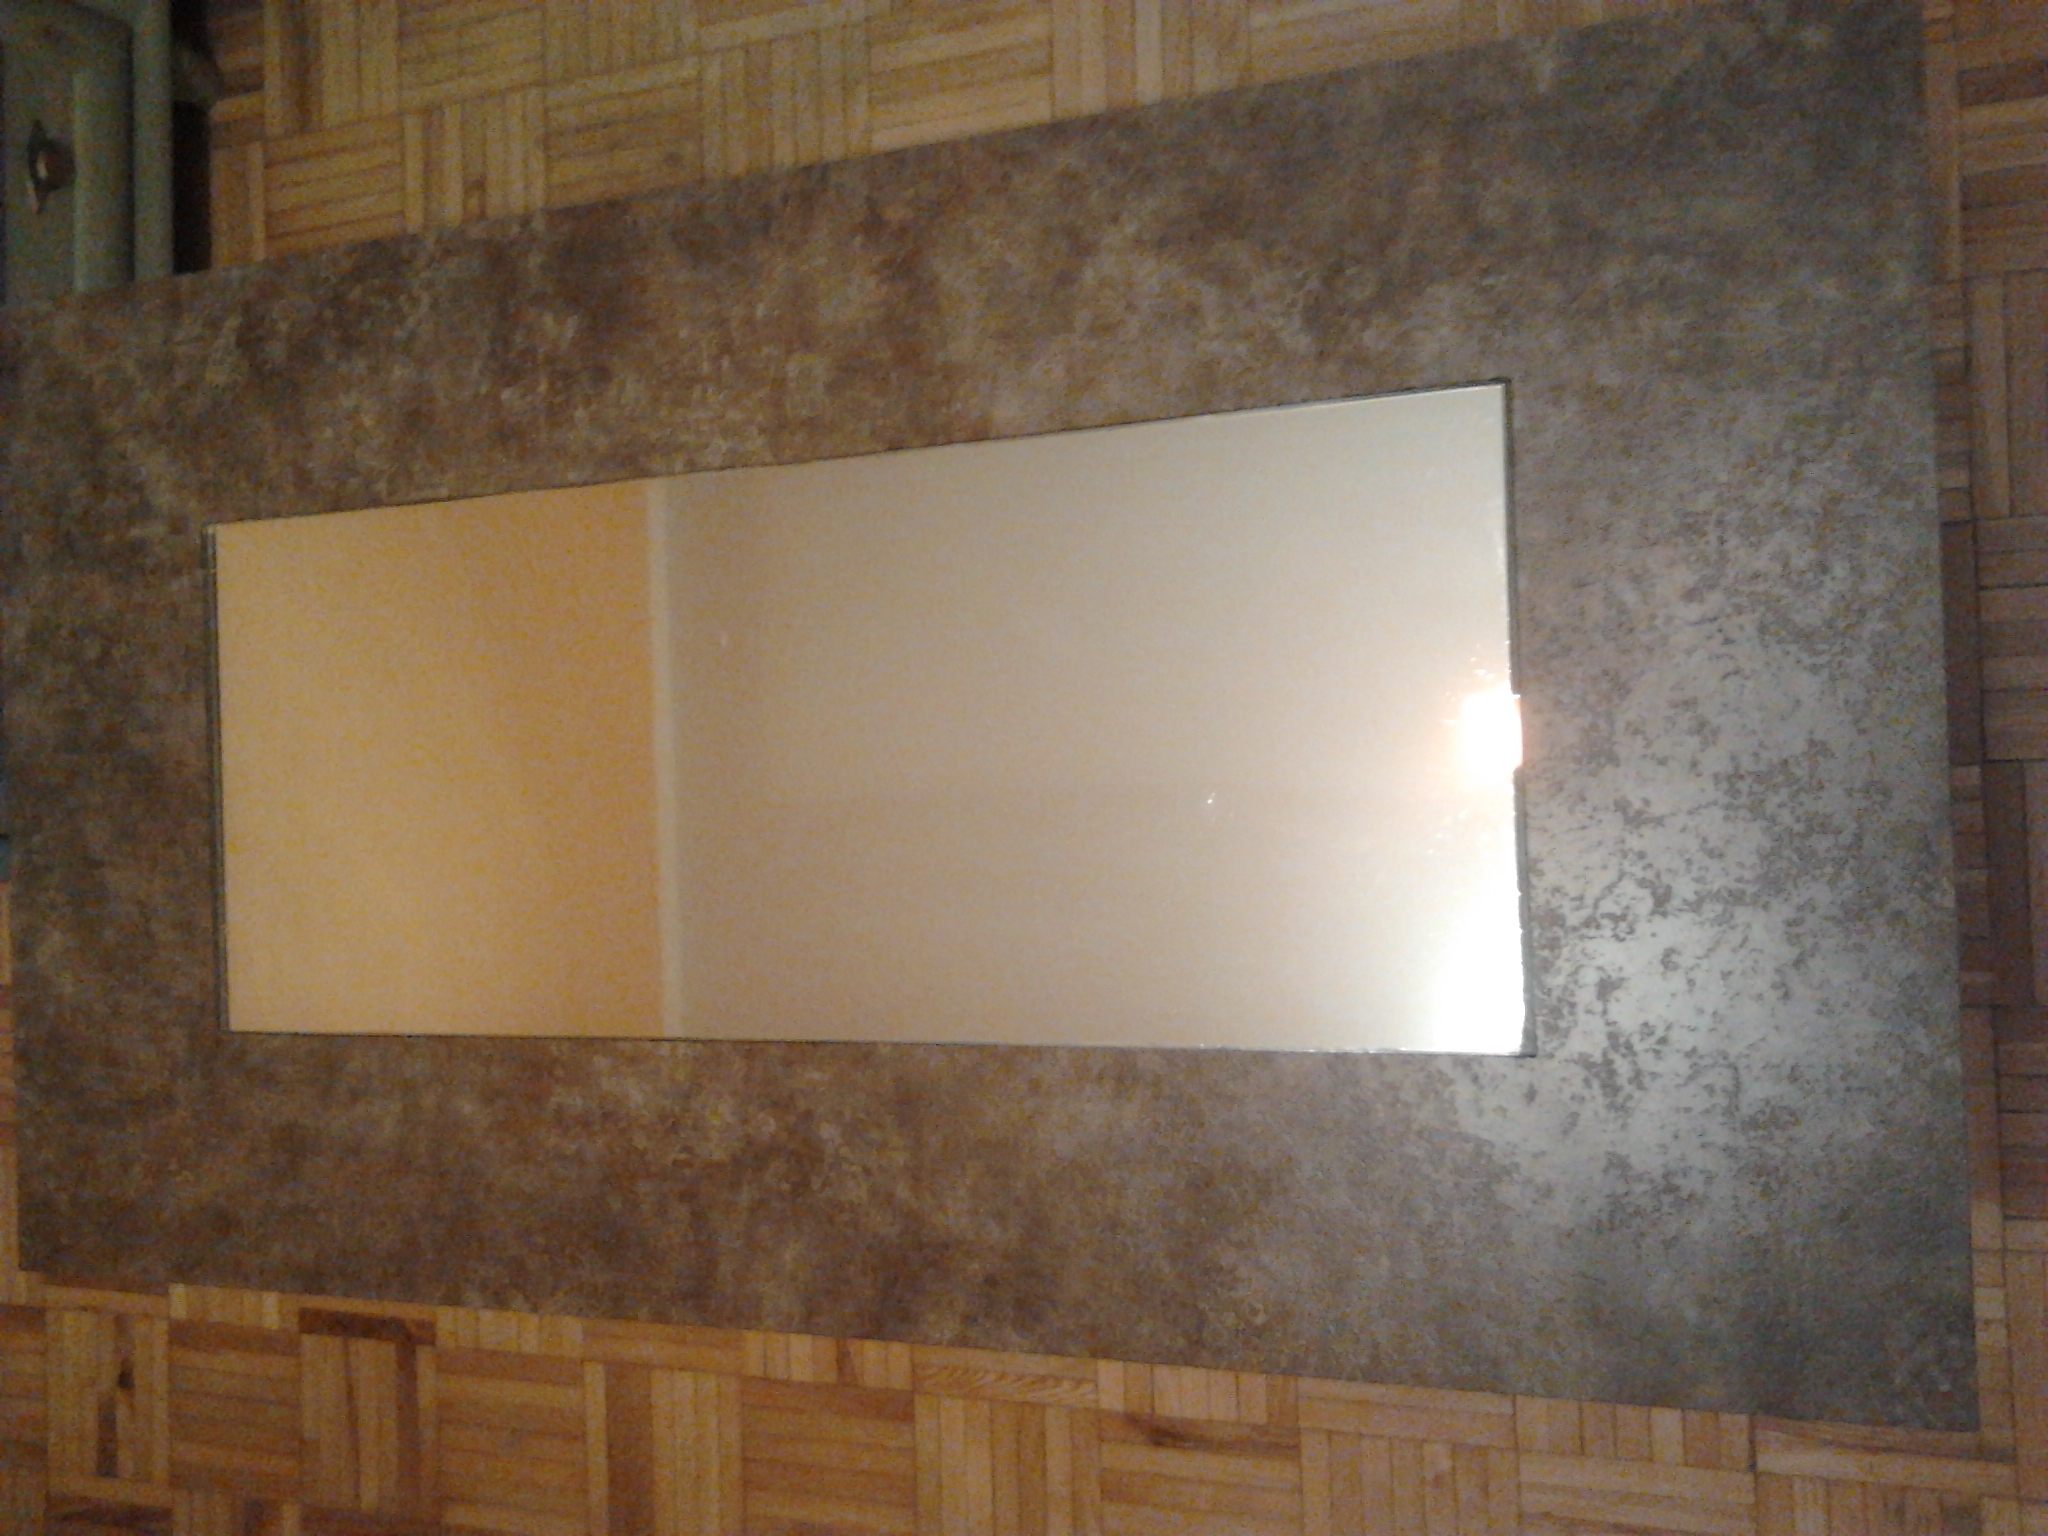 Stolik z lustrem niesko�czono�ci na ATmega8